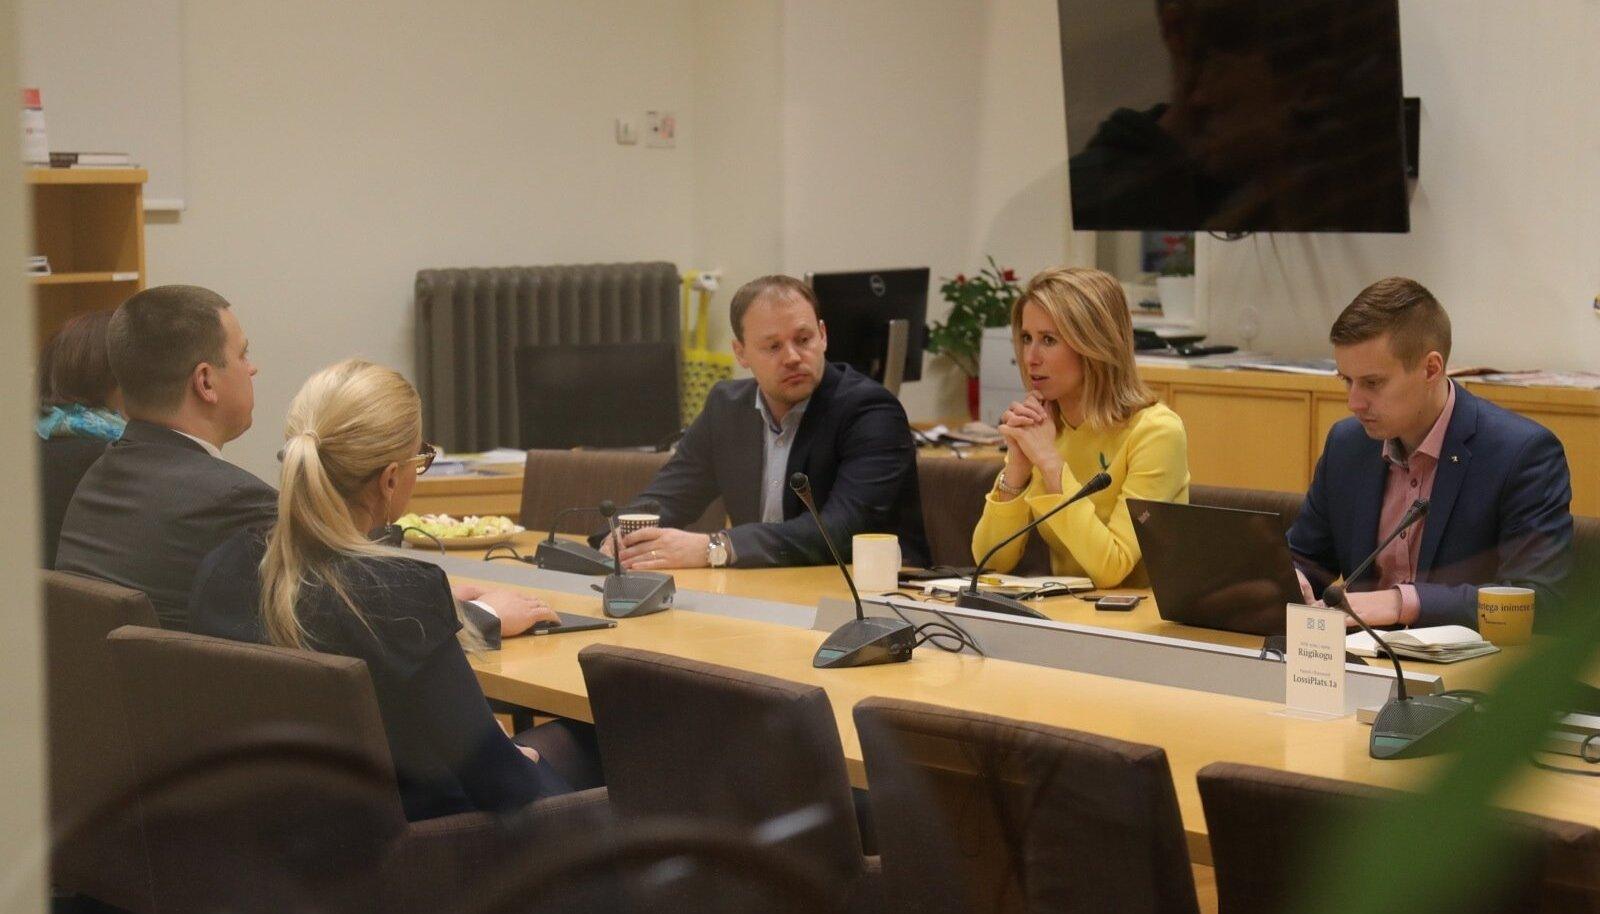 Kaja Kallas koos Arto Aasa ja Erkki Keldoga (paremal) võtsid eile vastu Keskerakonna delegatsiooni, kuhu kuulusid Mailis Reps, Jüri Ratas ja Kadri Simson.